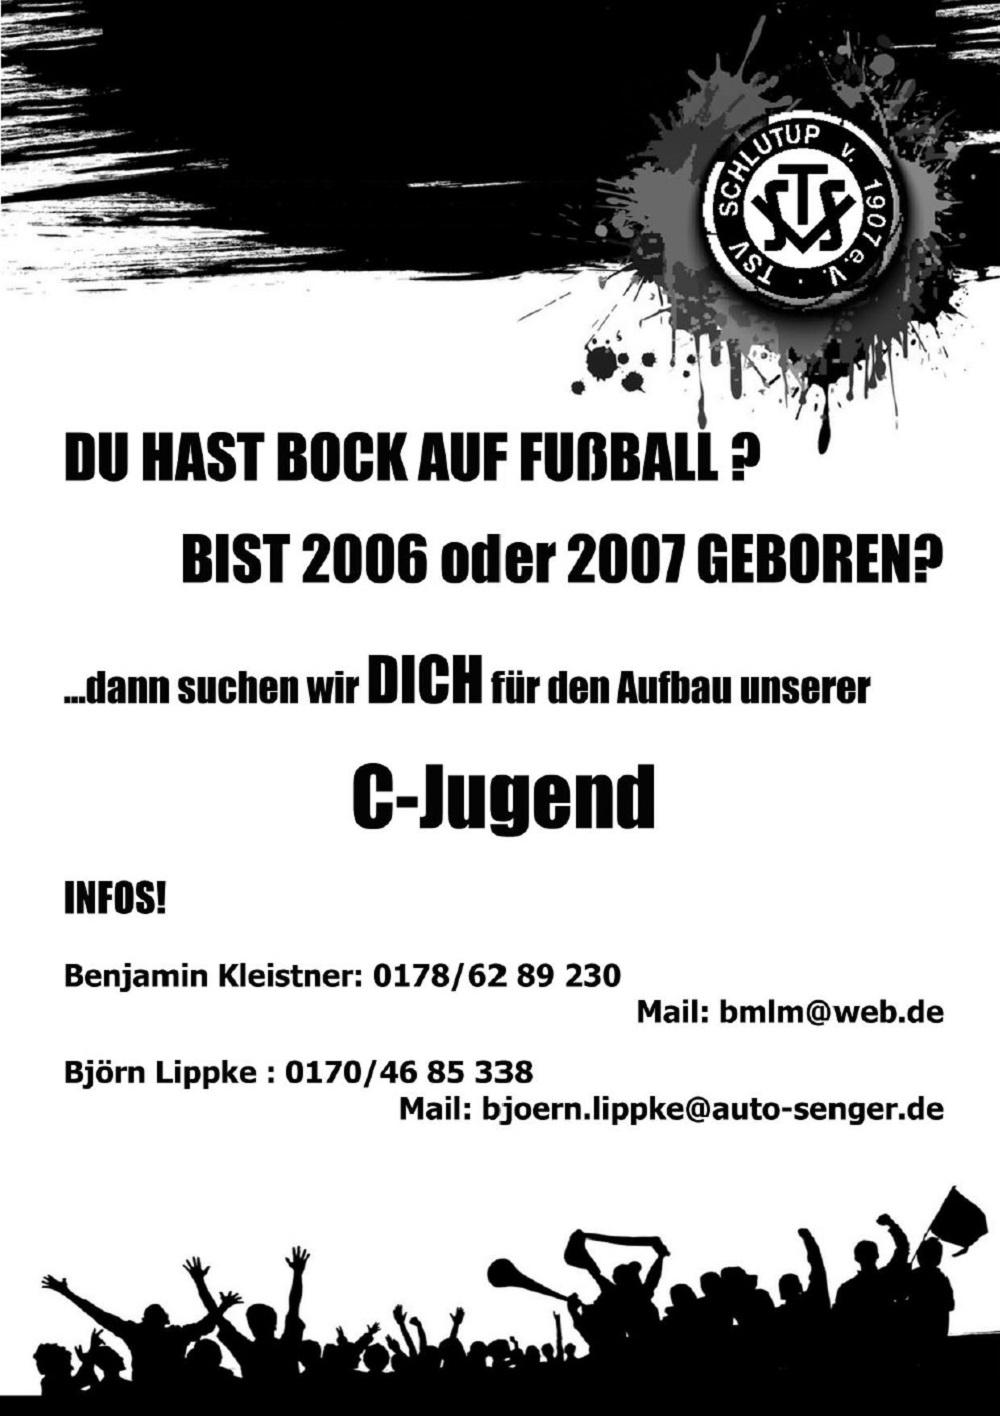 Fußballer für C-Jugend und D-Jugend gesucht